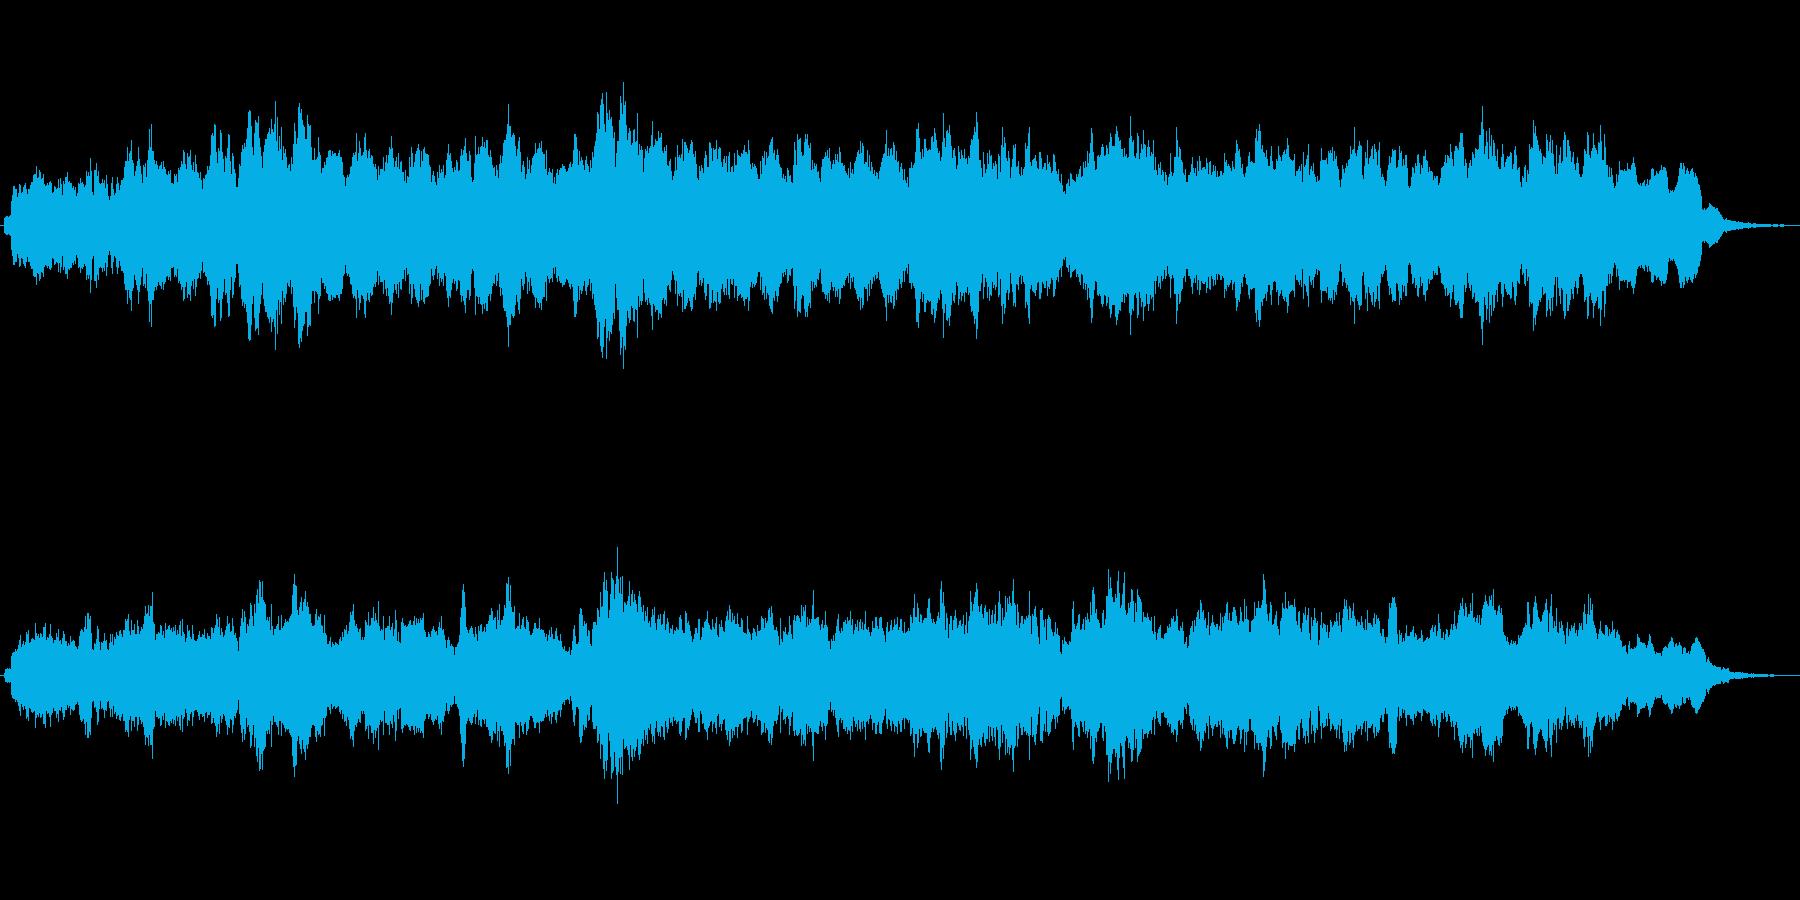 不思議な世界へ誘うようなジングル2の再生済みの波形